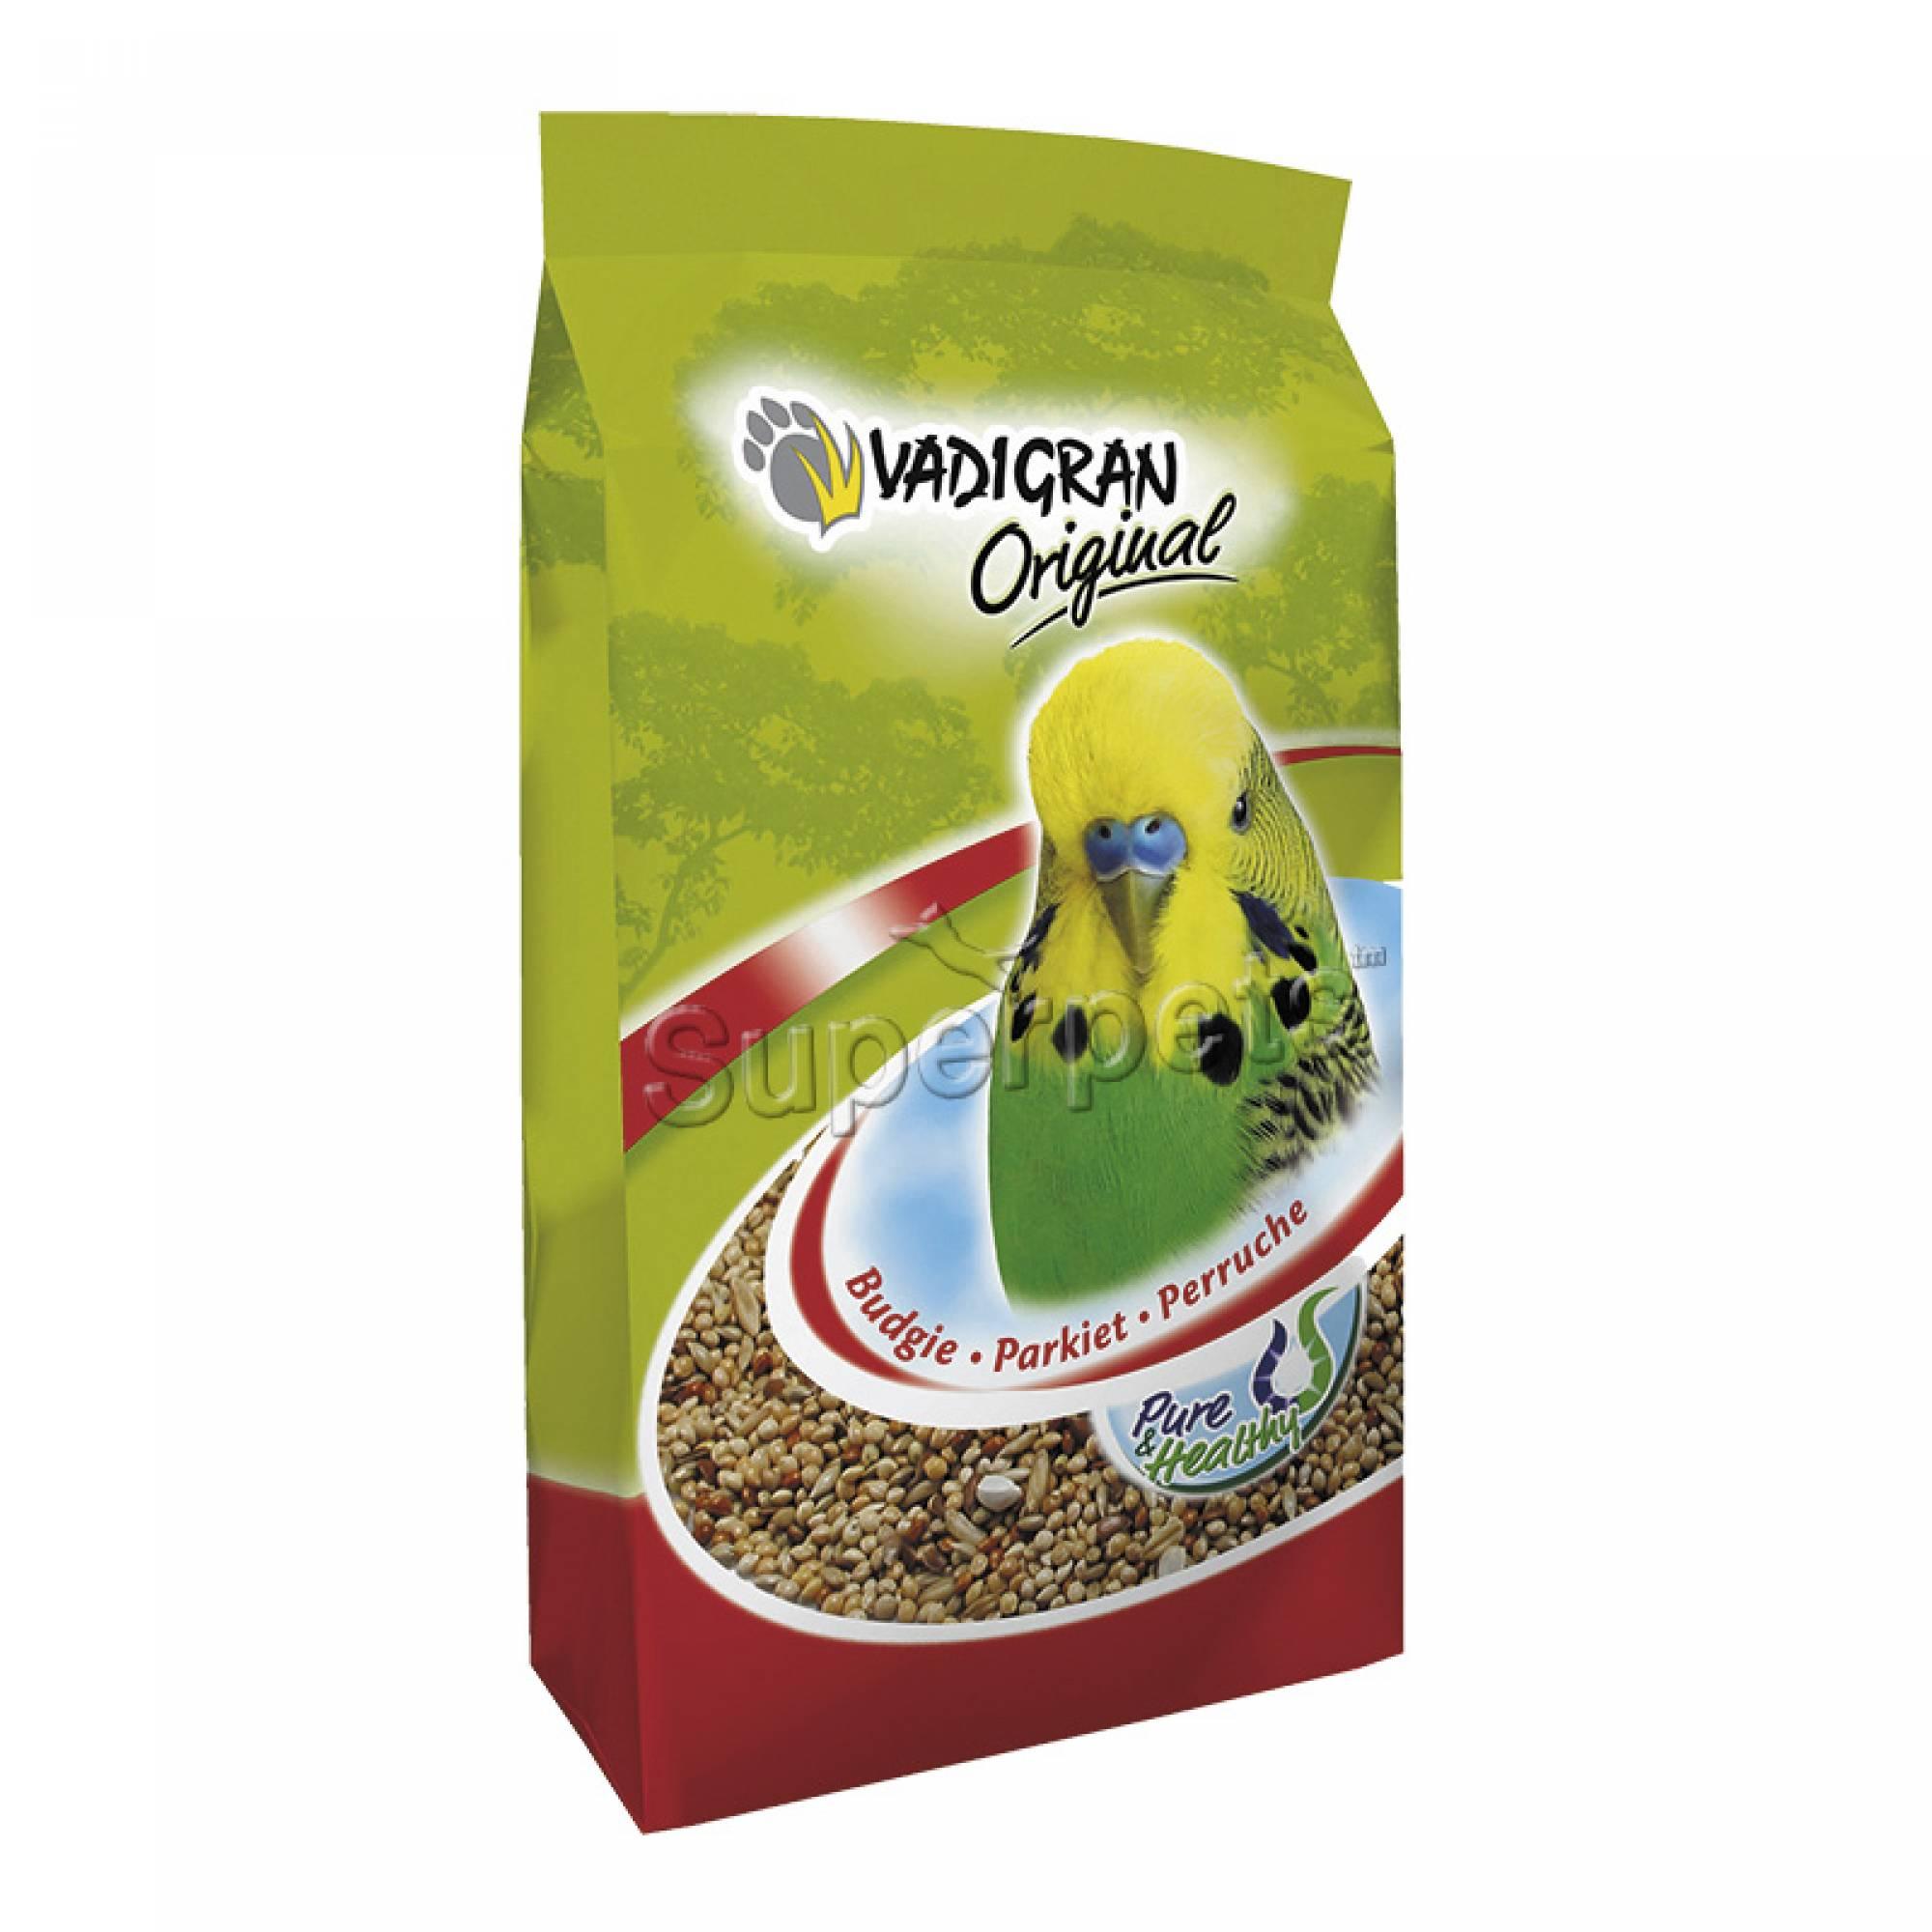 Vadigran Original Budgie 1kg